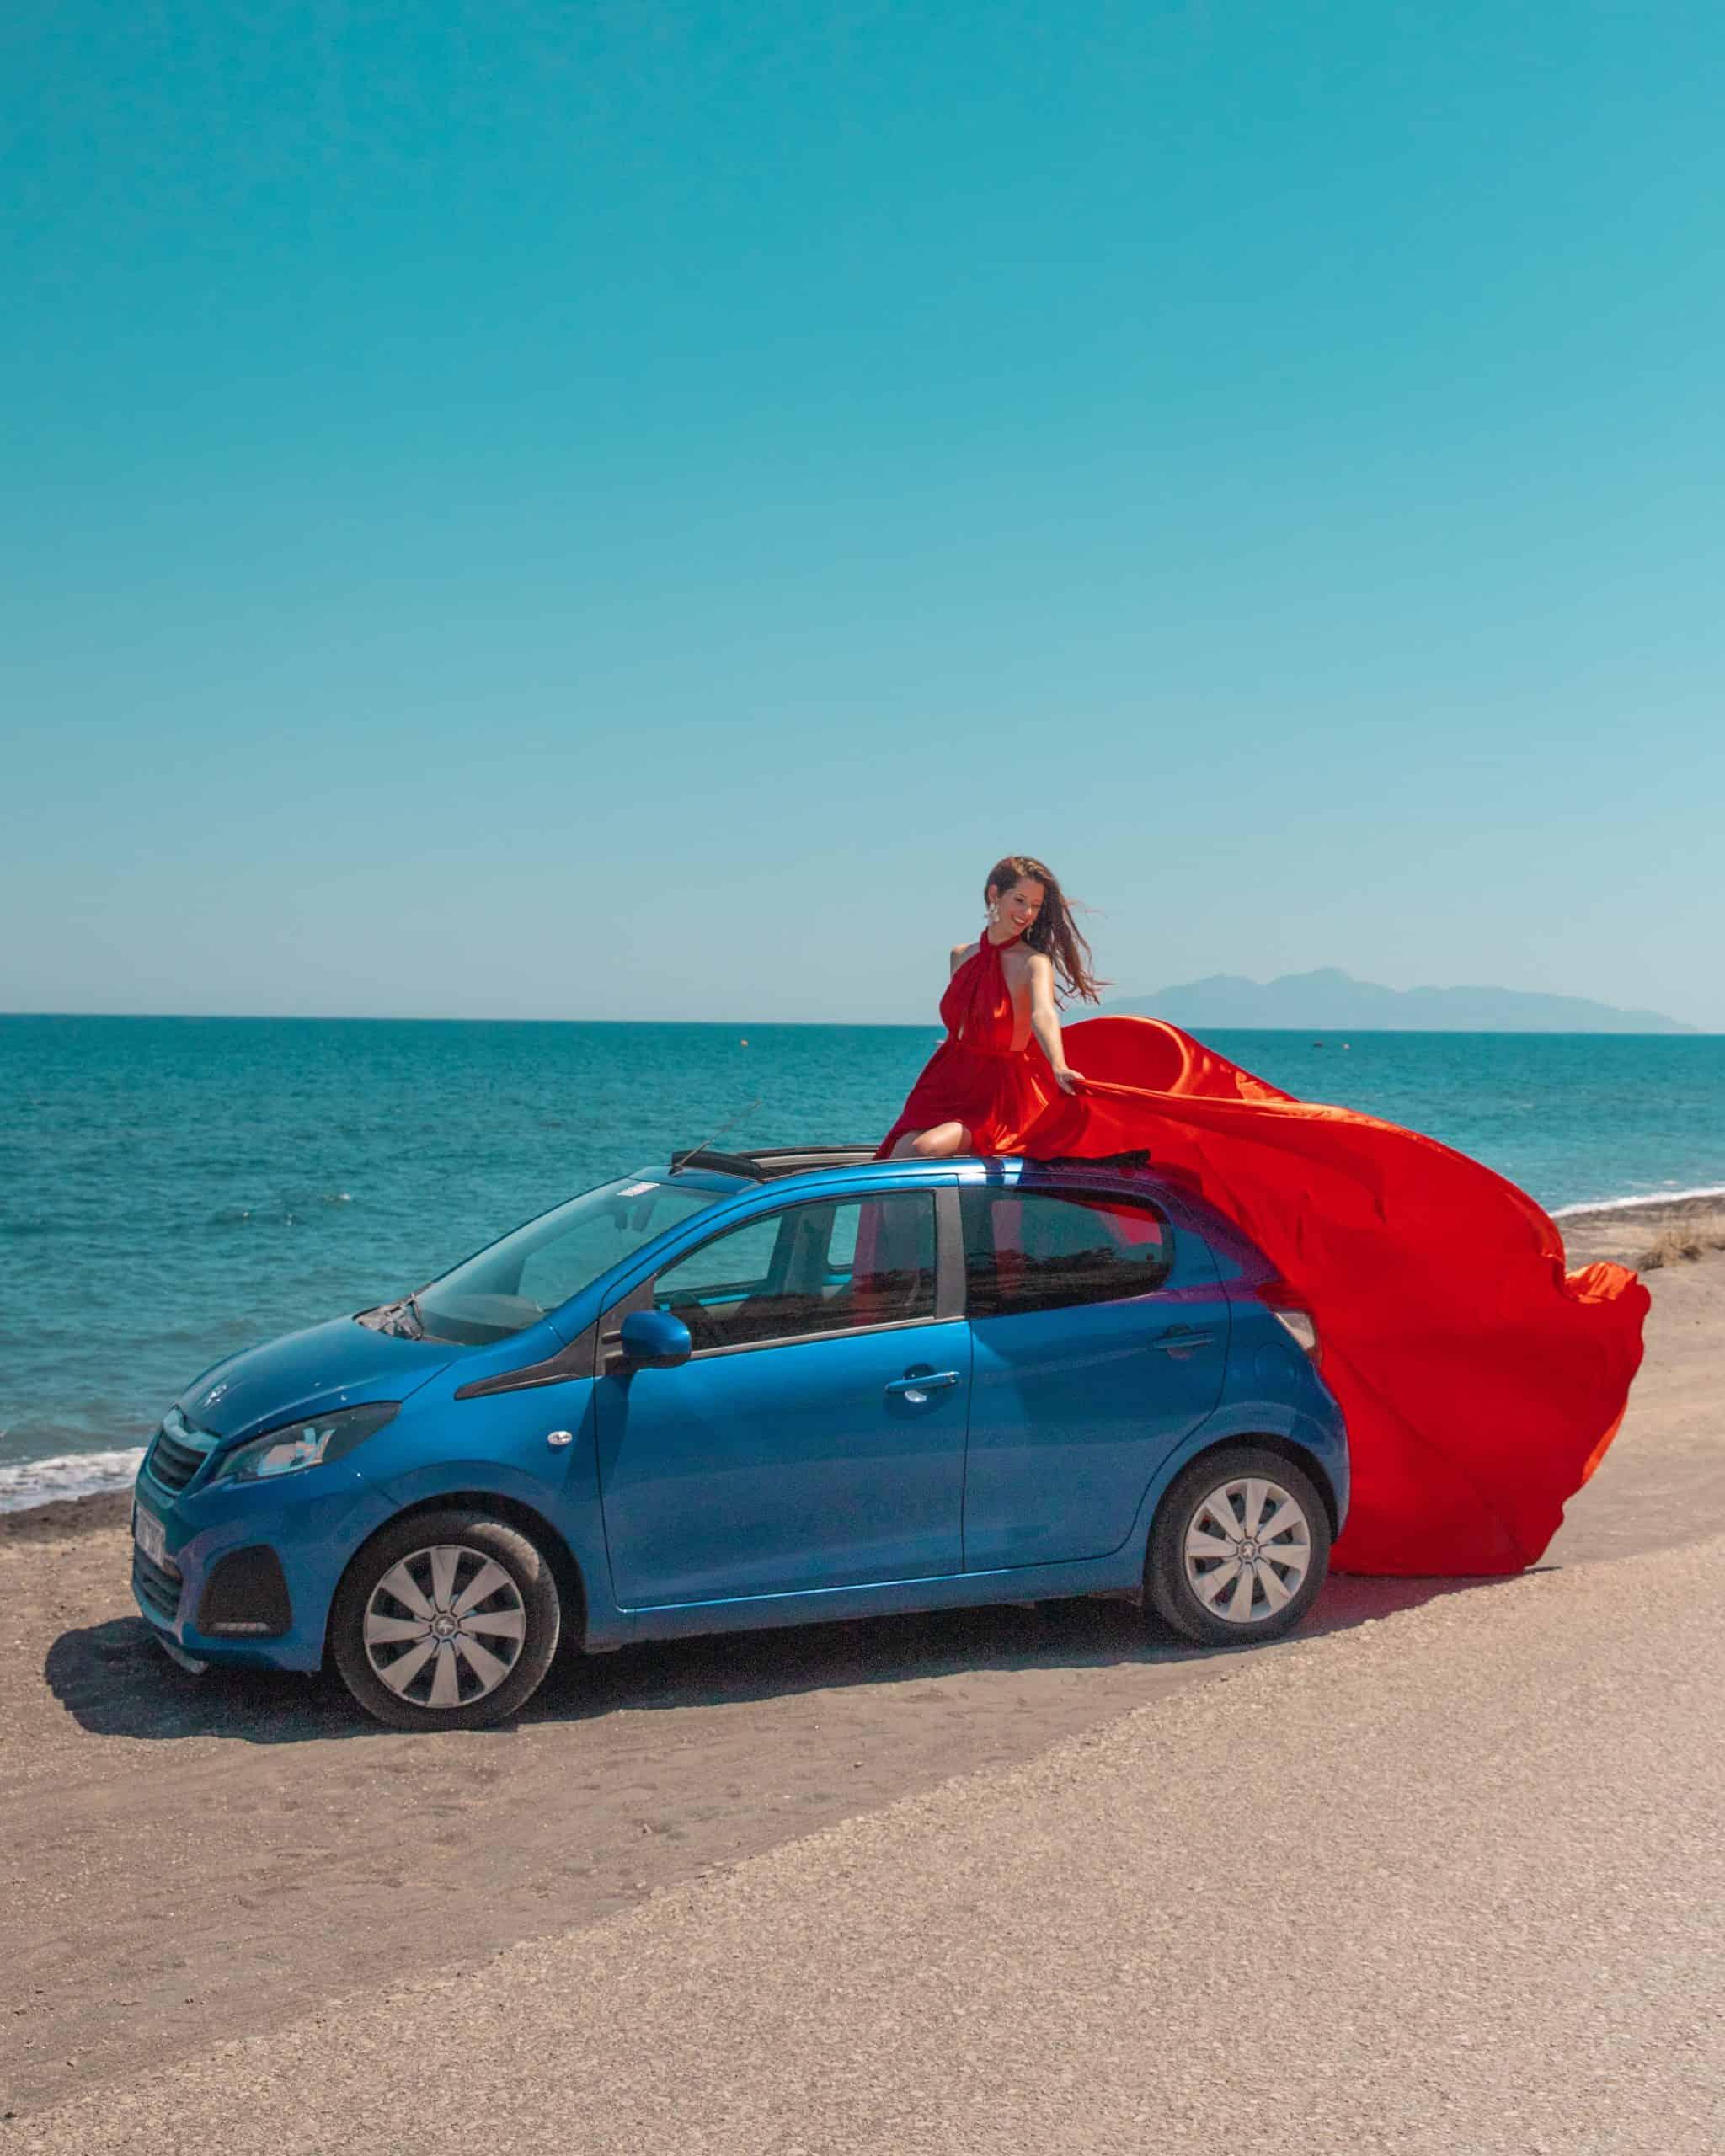 Bettina in red dress in blue rental car